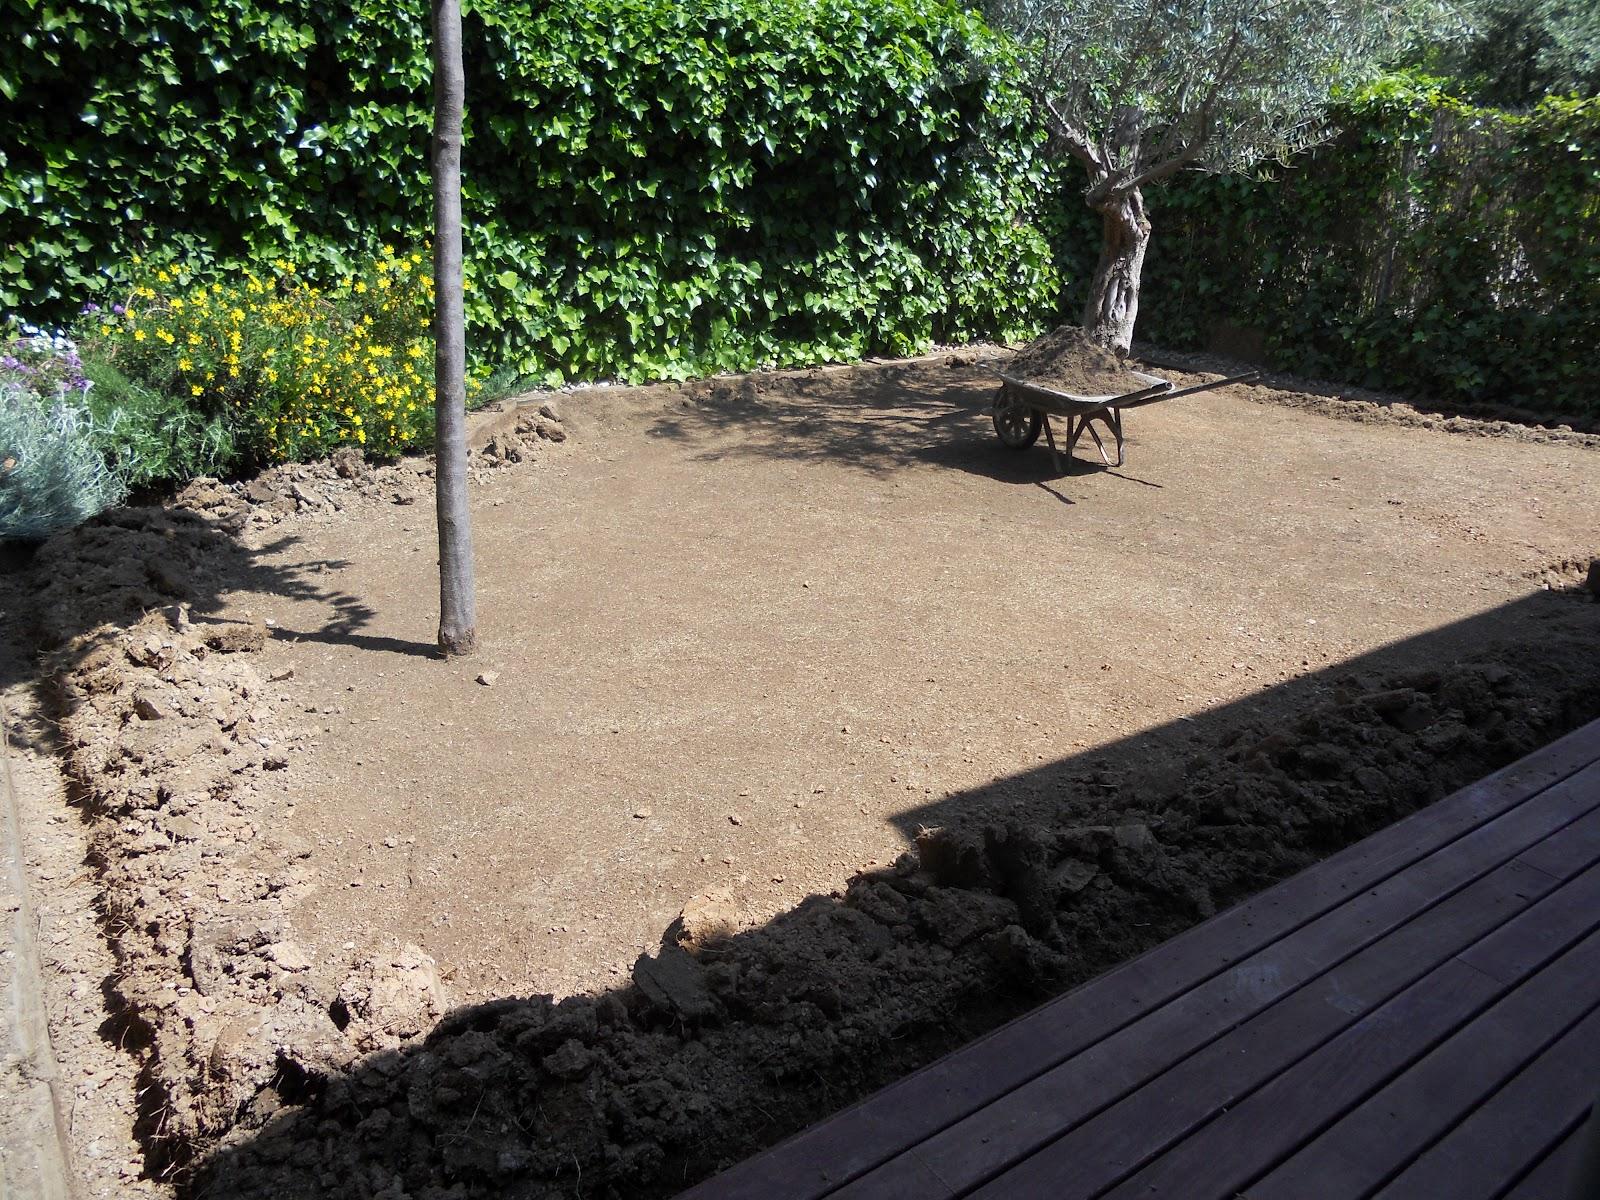 Jardineria eladio nonay jardiner a eladio nonay c sped - Cesped artificial jardineria ...